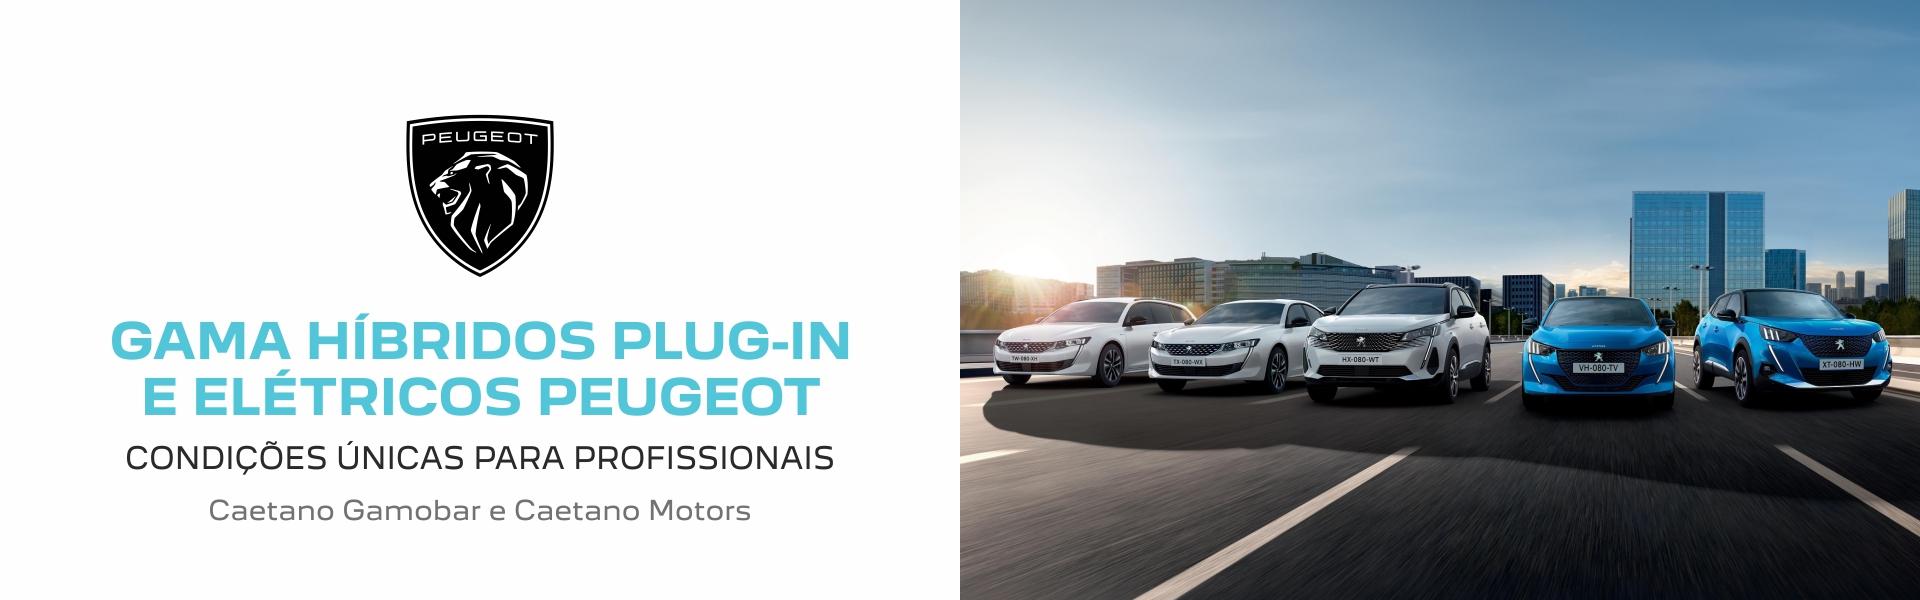 gama de híbridos Peugeot